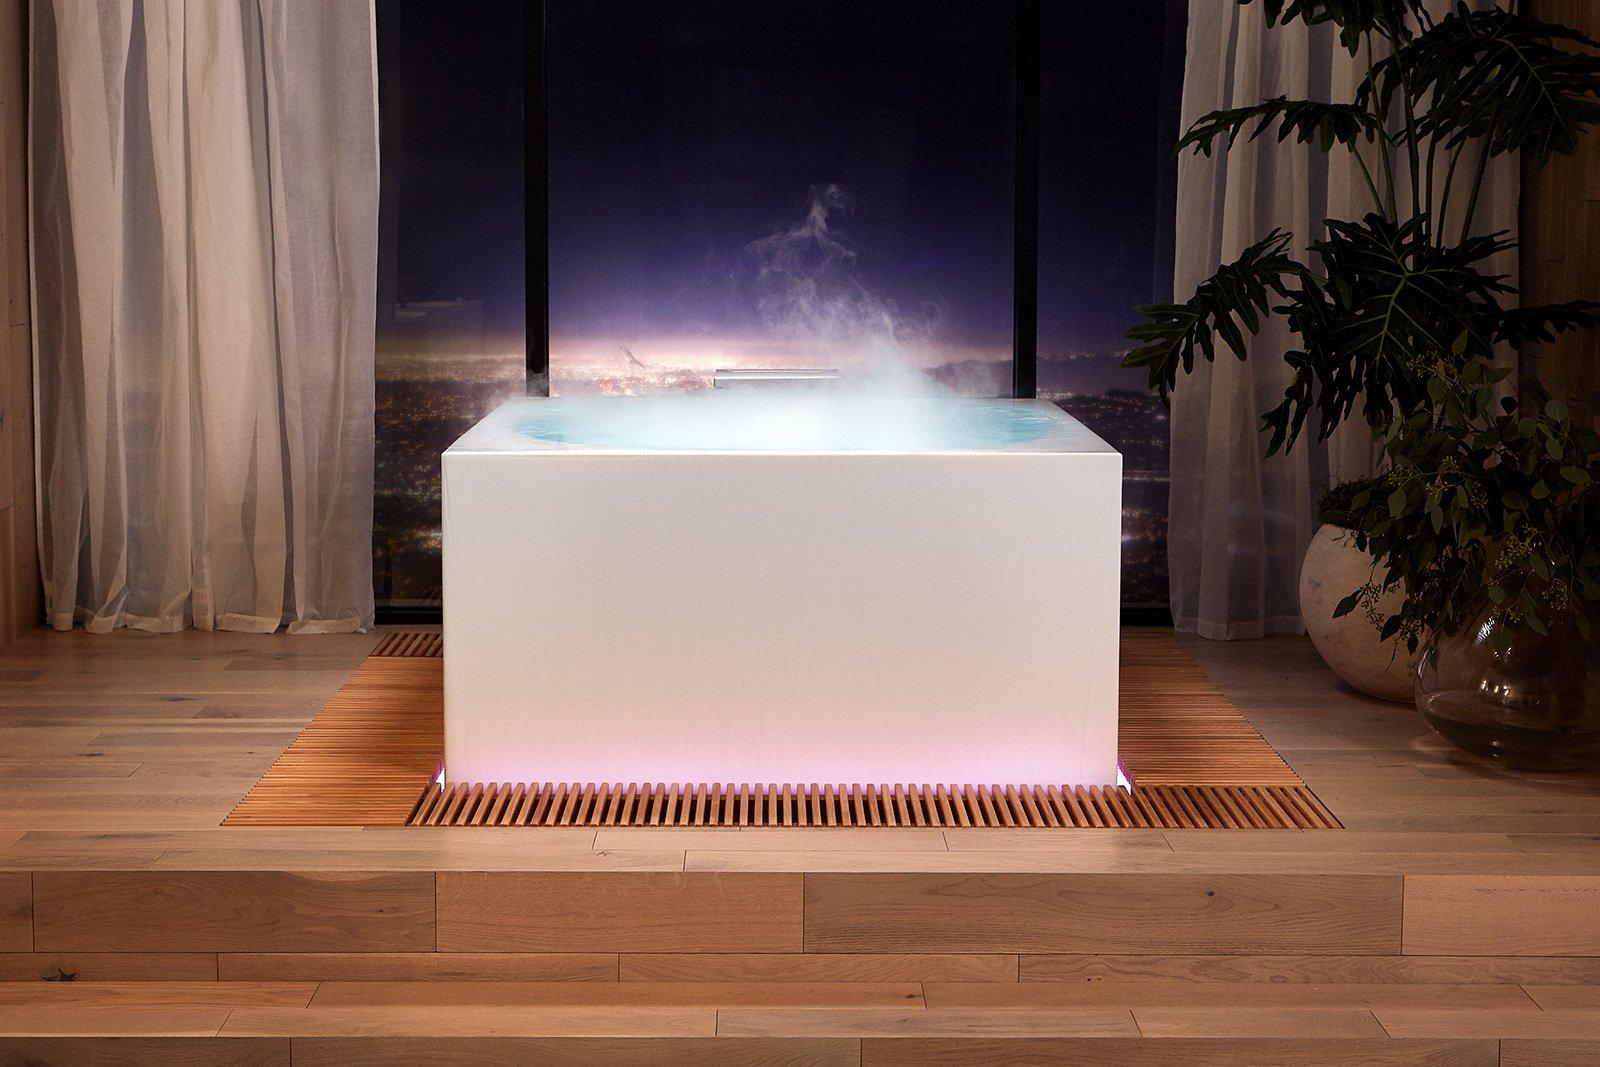 معرفی یک وان حمام ۱۶ هزار دلاری در CES که قرار است به شما آرامش بدهد